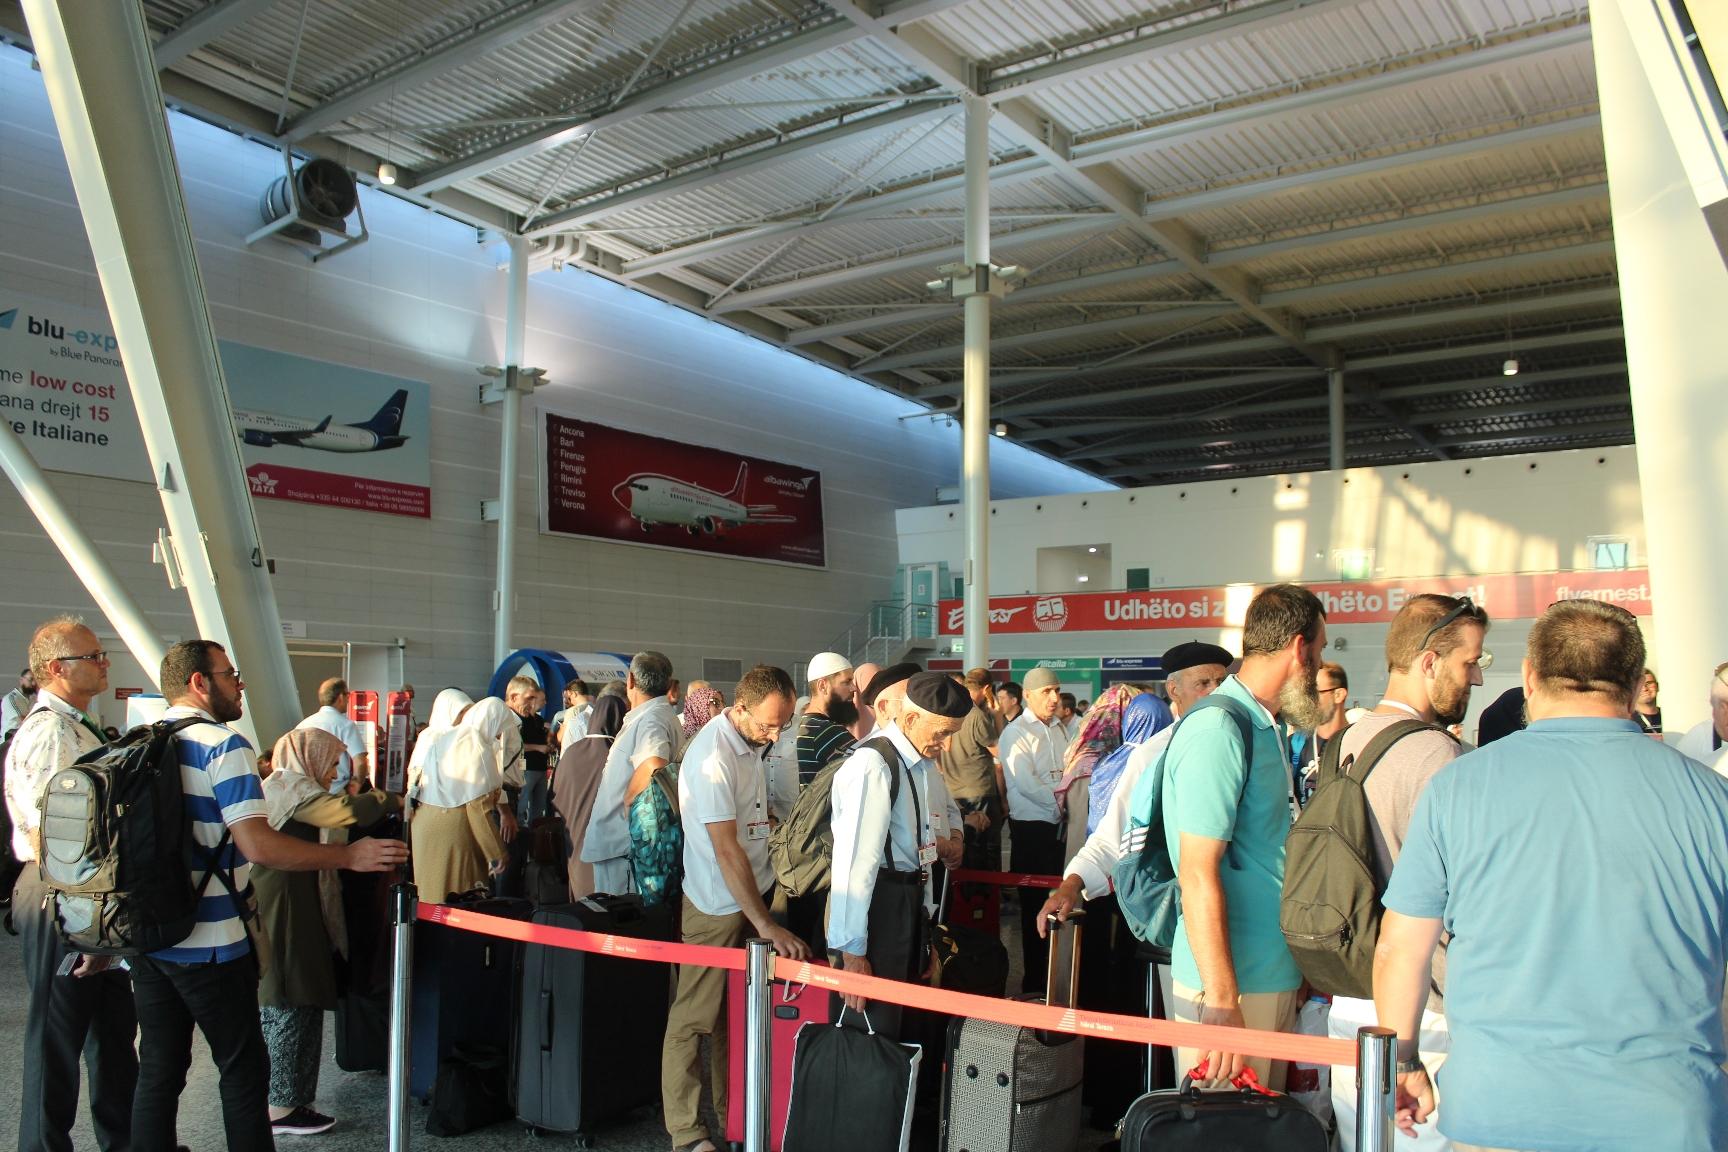 48 haxhilerë nga Shkodra u nisën për të kryer Haxhin e sivjetshëm…